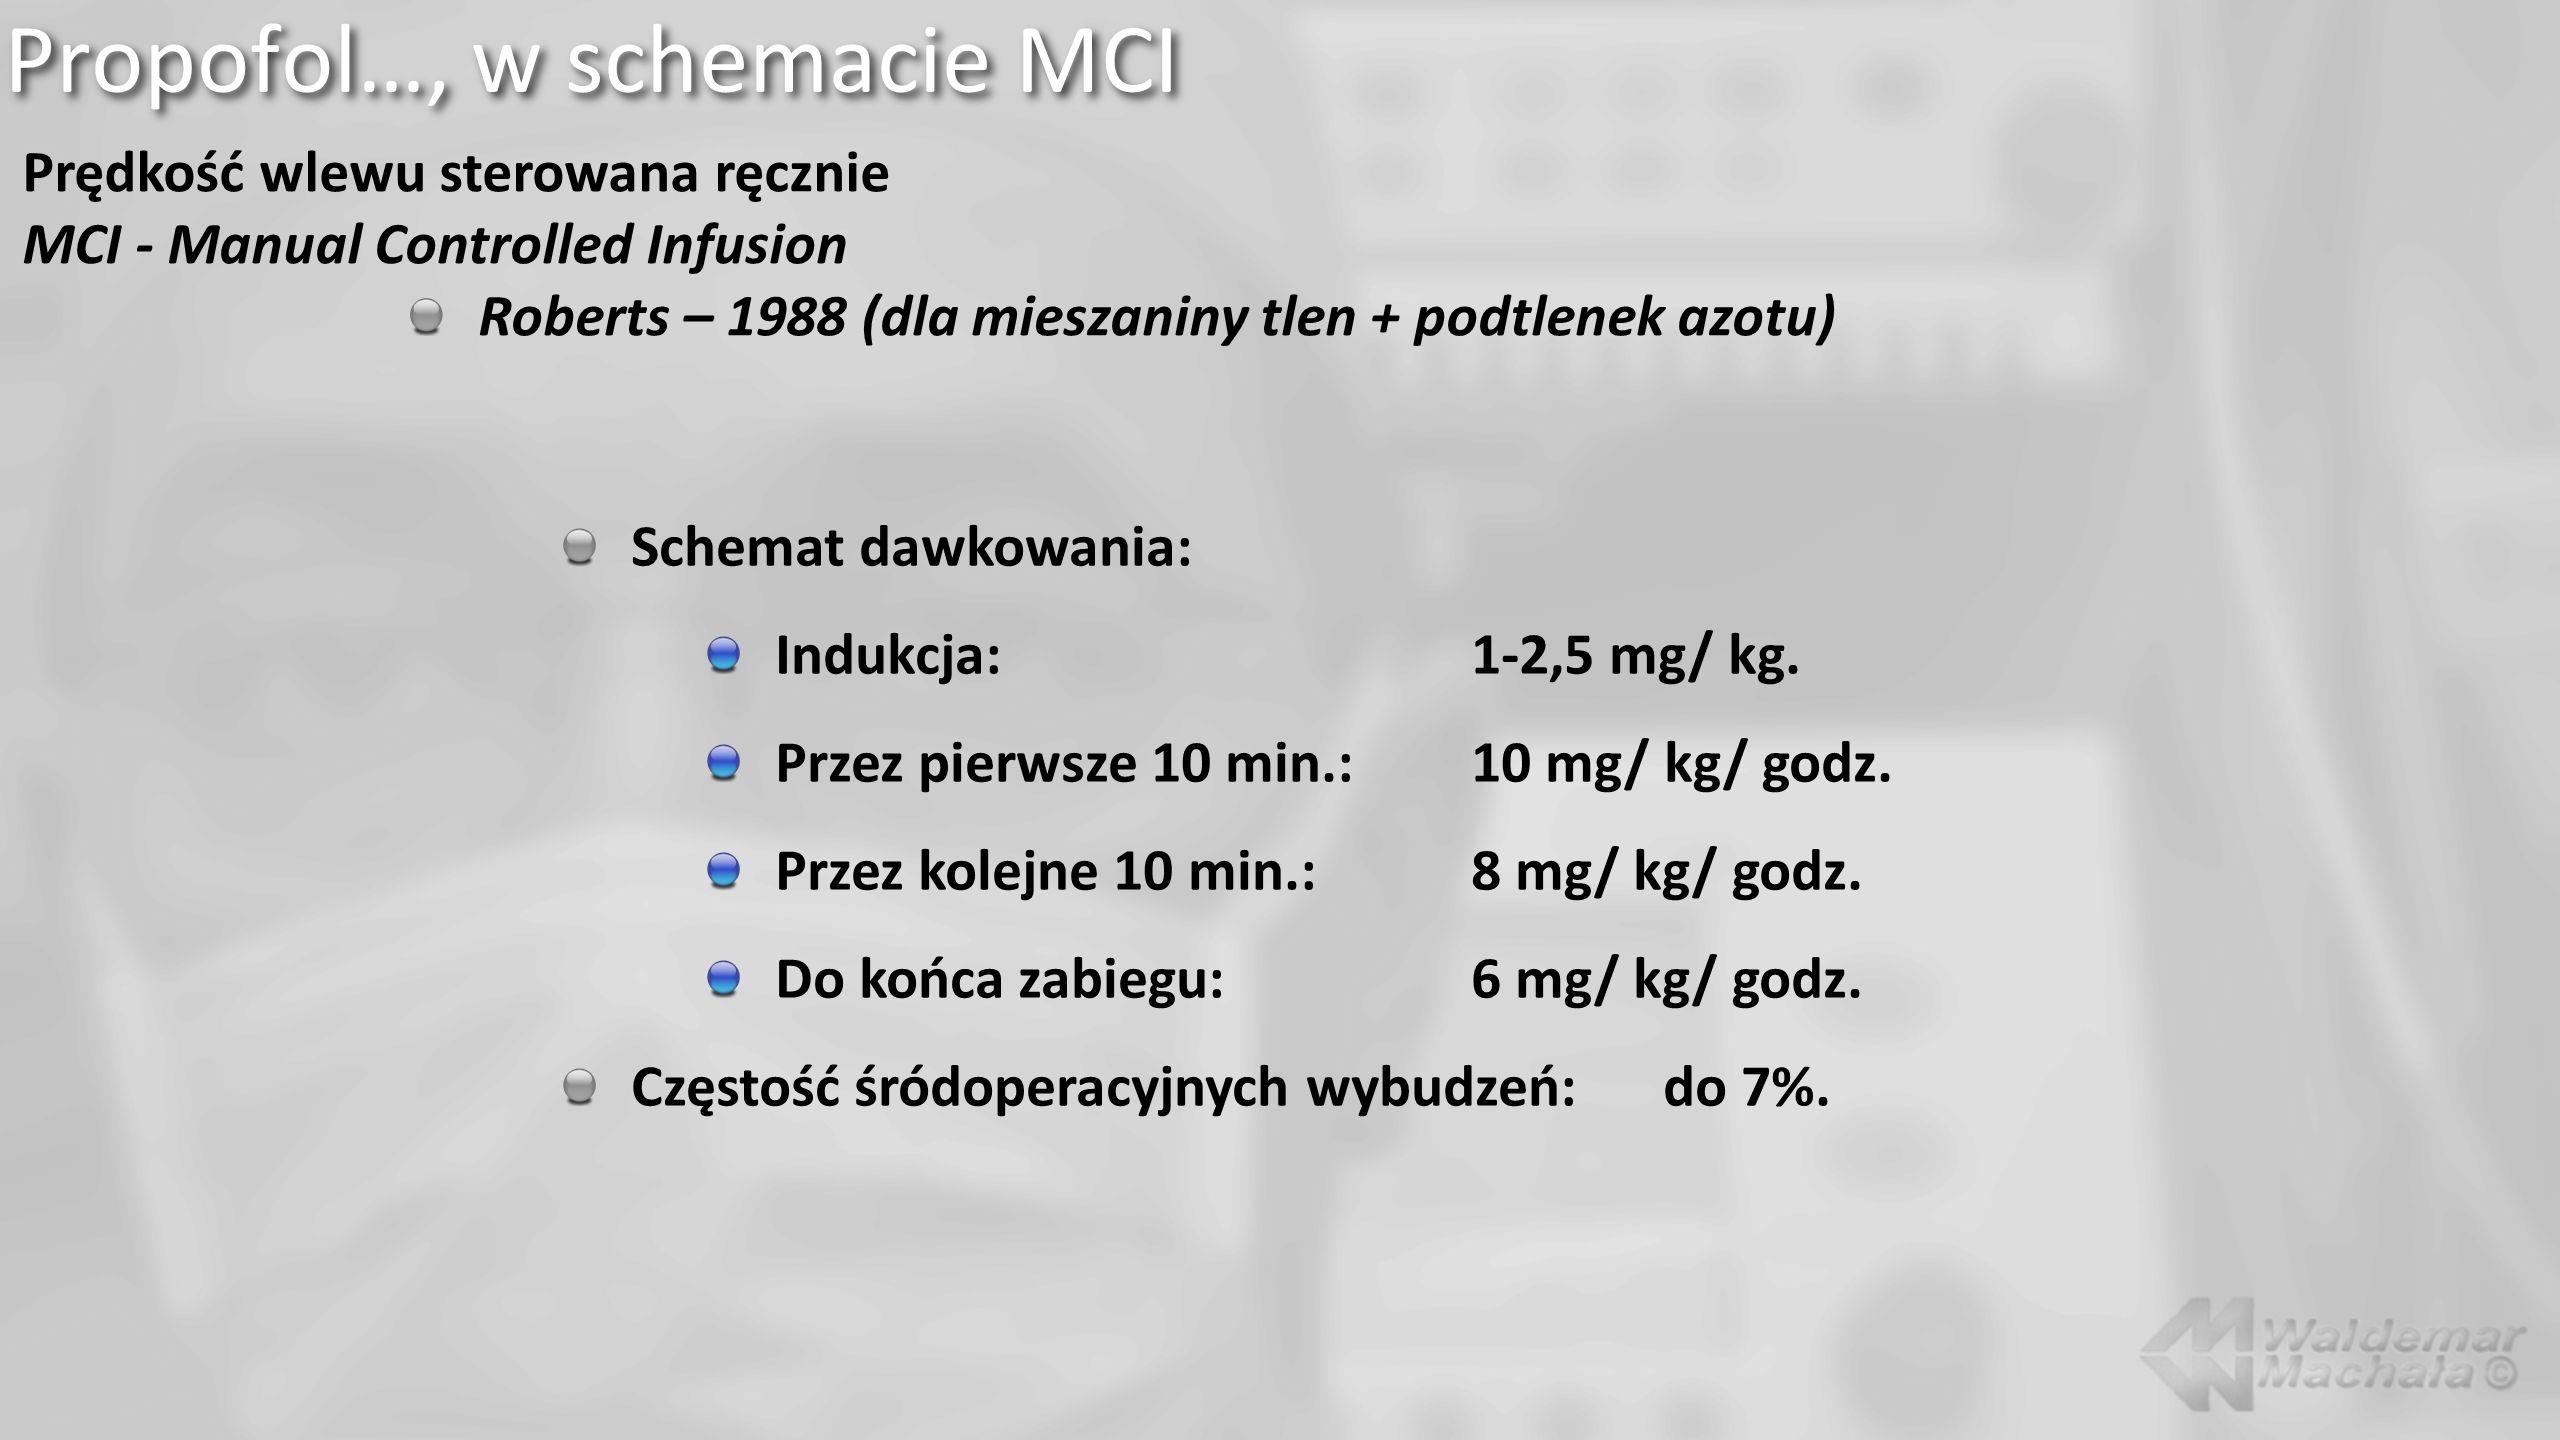 Propofol…, w schemacie MCI Prędkość wlewu sterowana ręcznie MCI - Manual Controlled Infusion Roberts – 1988 (dla mieszaniny tlen + podtlenek azotu) Sc